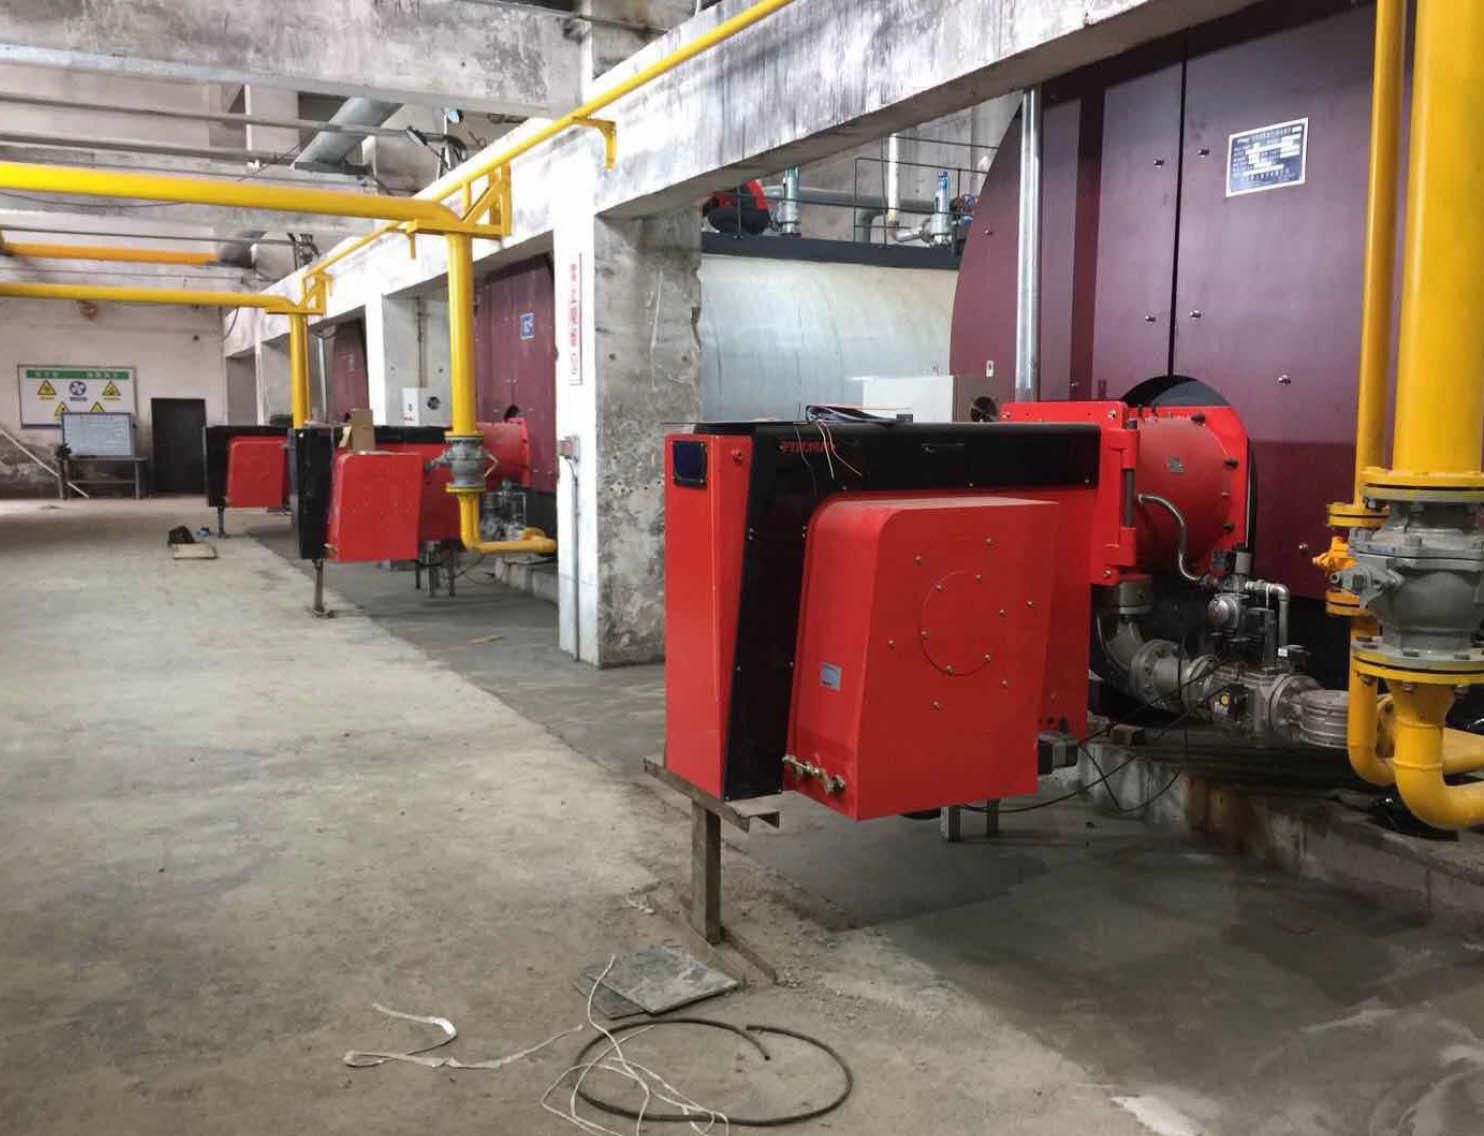 福建蒸汽锅炉厂家-高品质蒸汽锅炉在哪可以买到